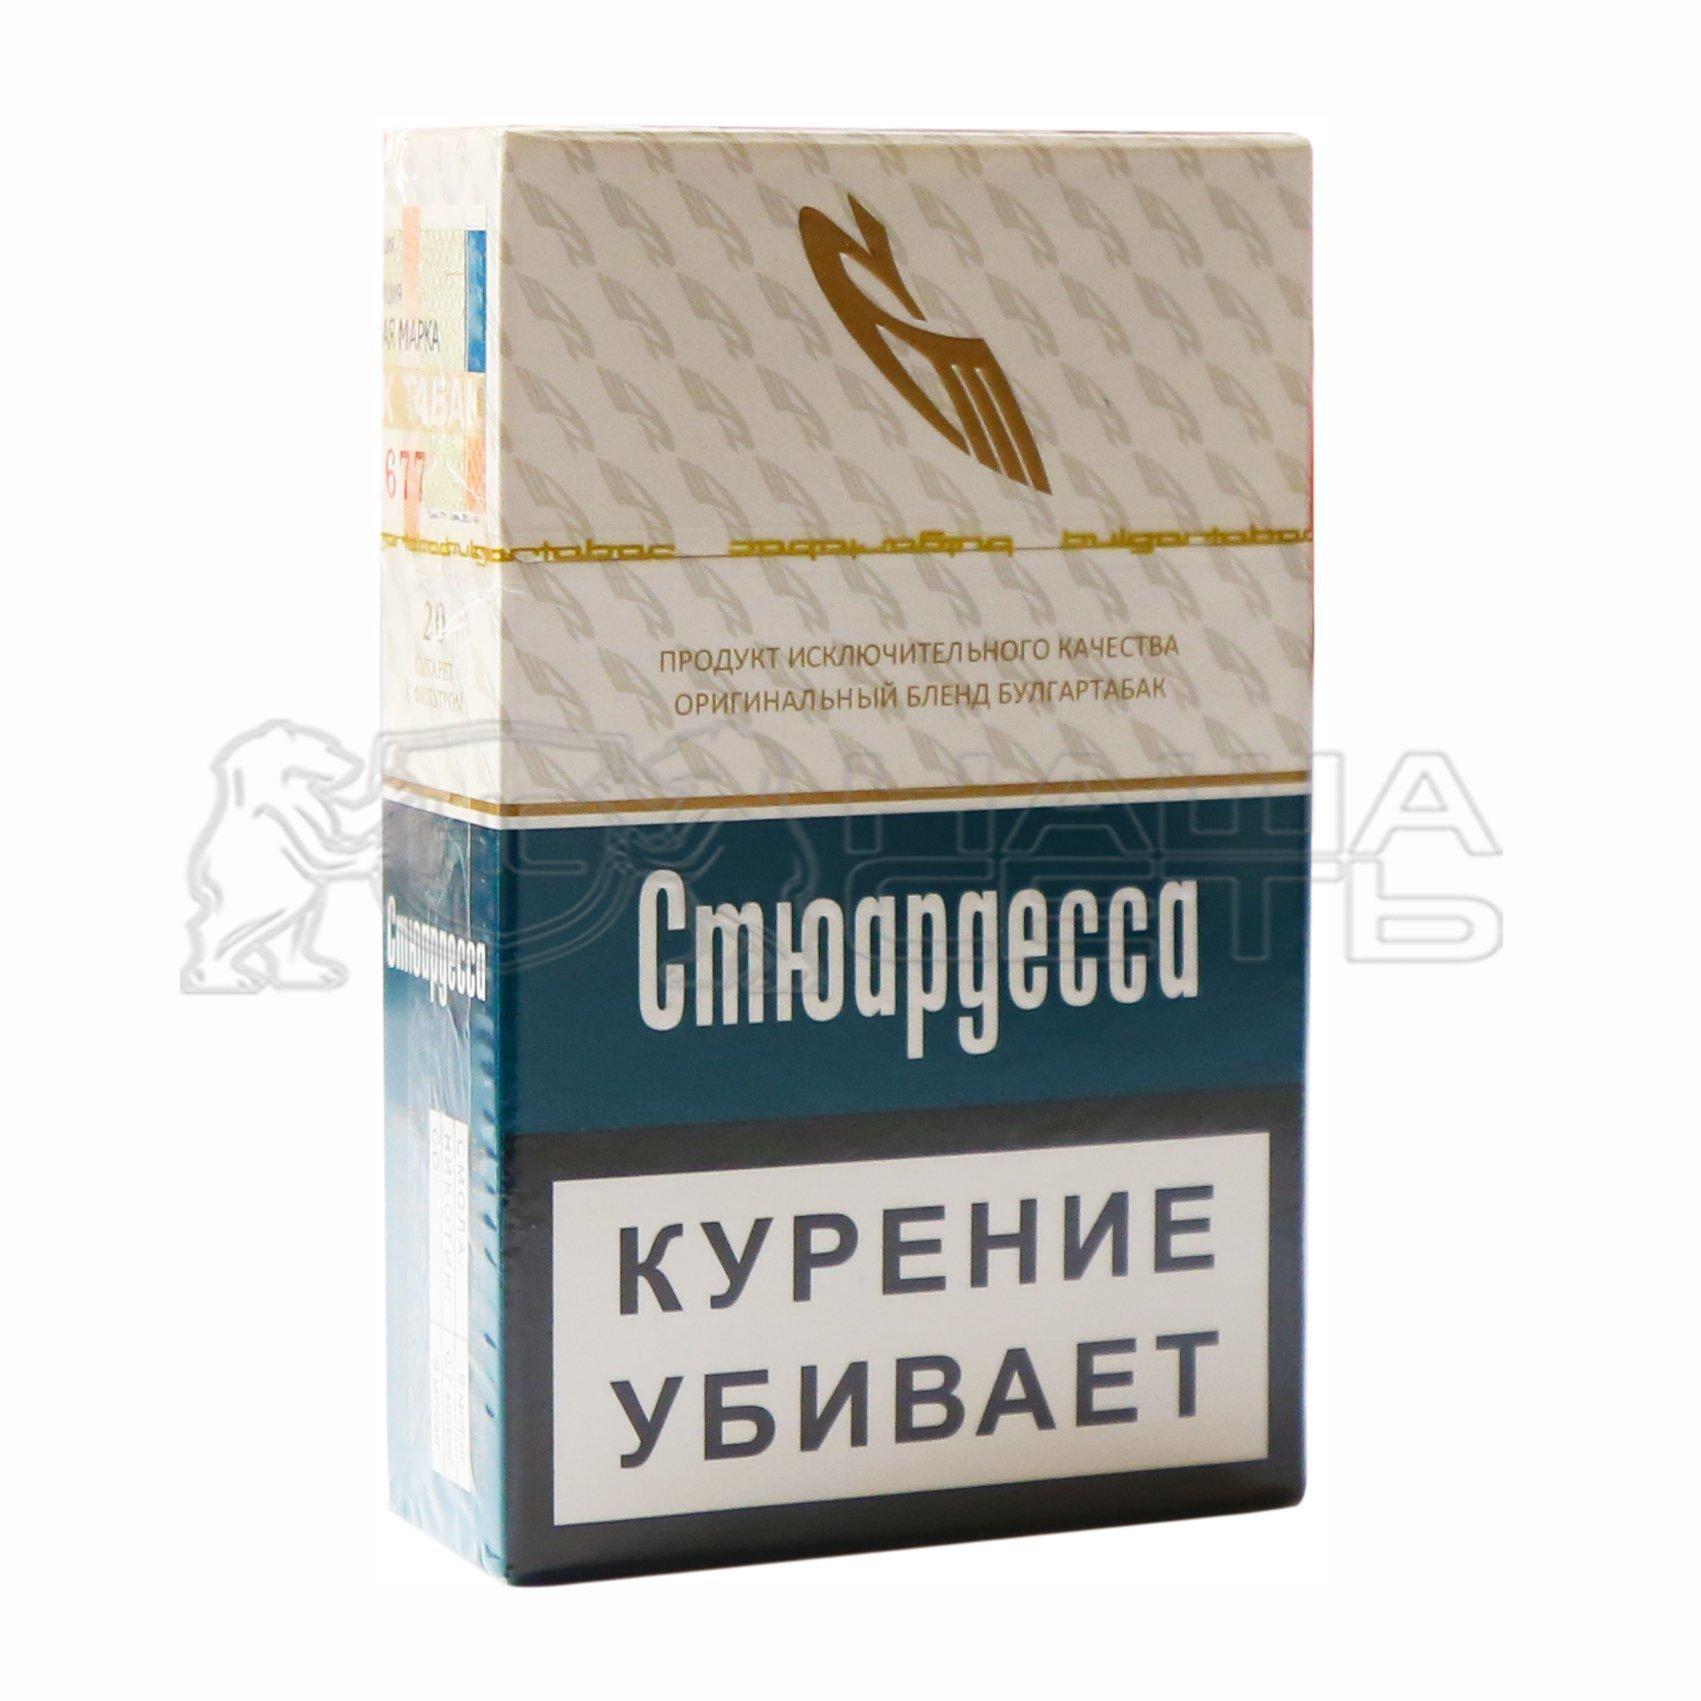 Stewardess сигареты купить в спб электронные сигареты одноразовые на 1000 затяжек